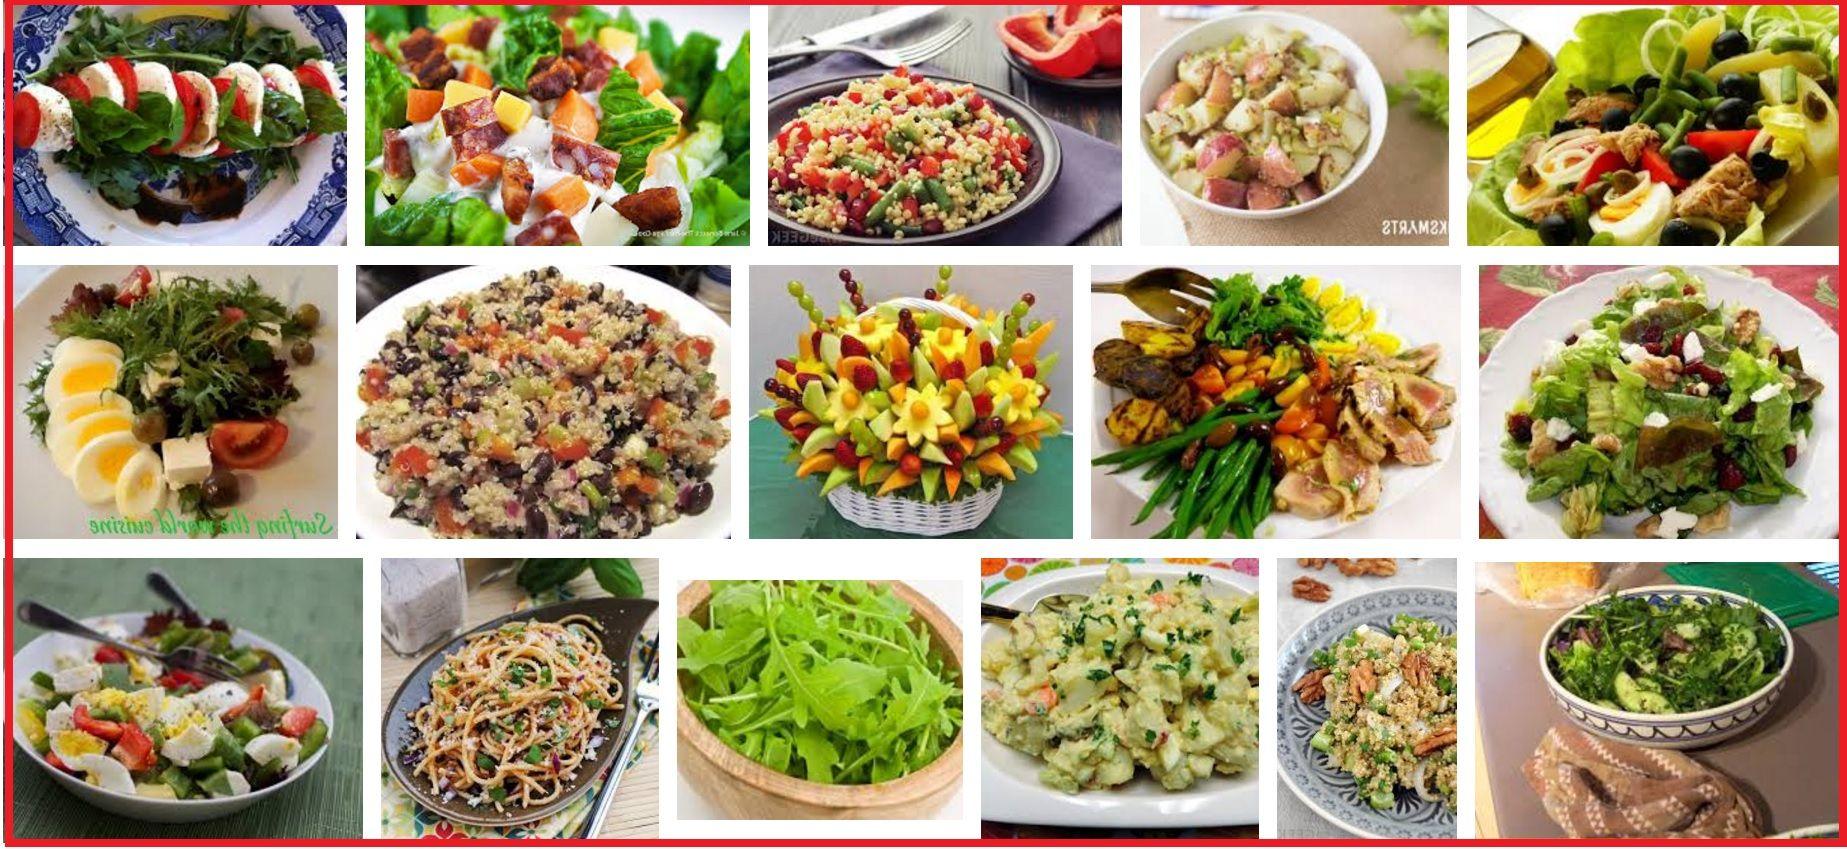 Diferentes tipos de ensaladas ejemplos y fotos - Diferentes ensaladas de lechuga ...